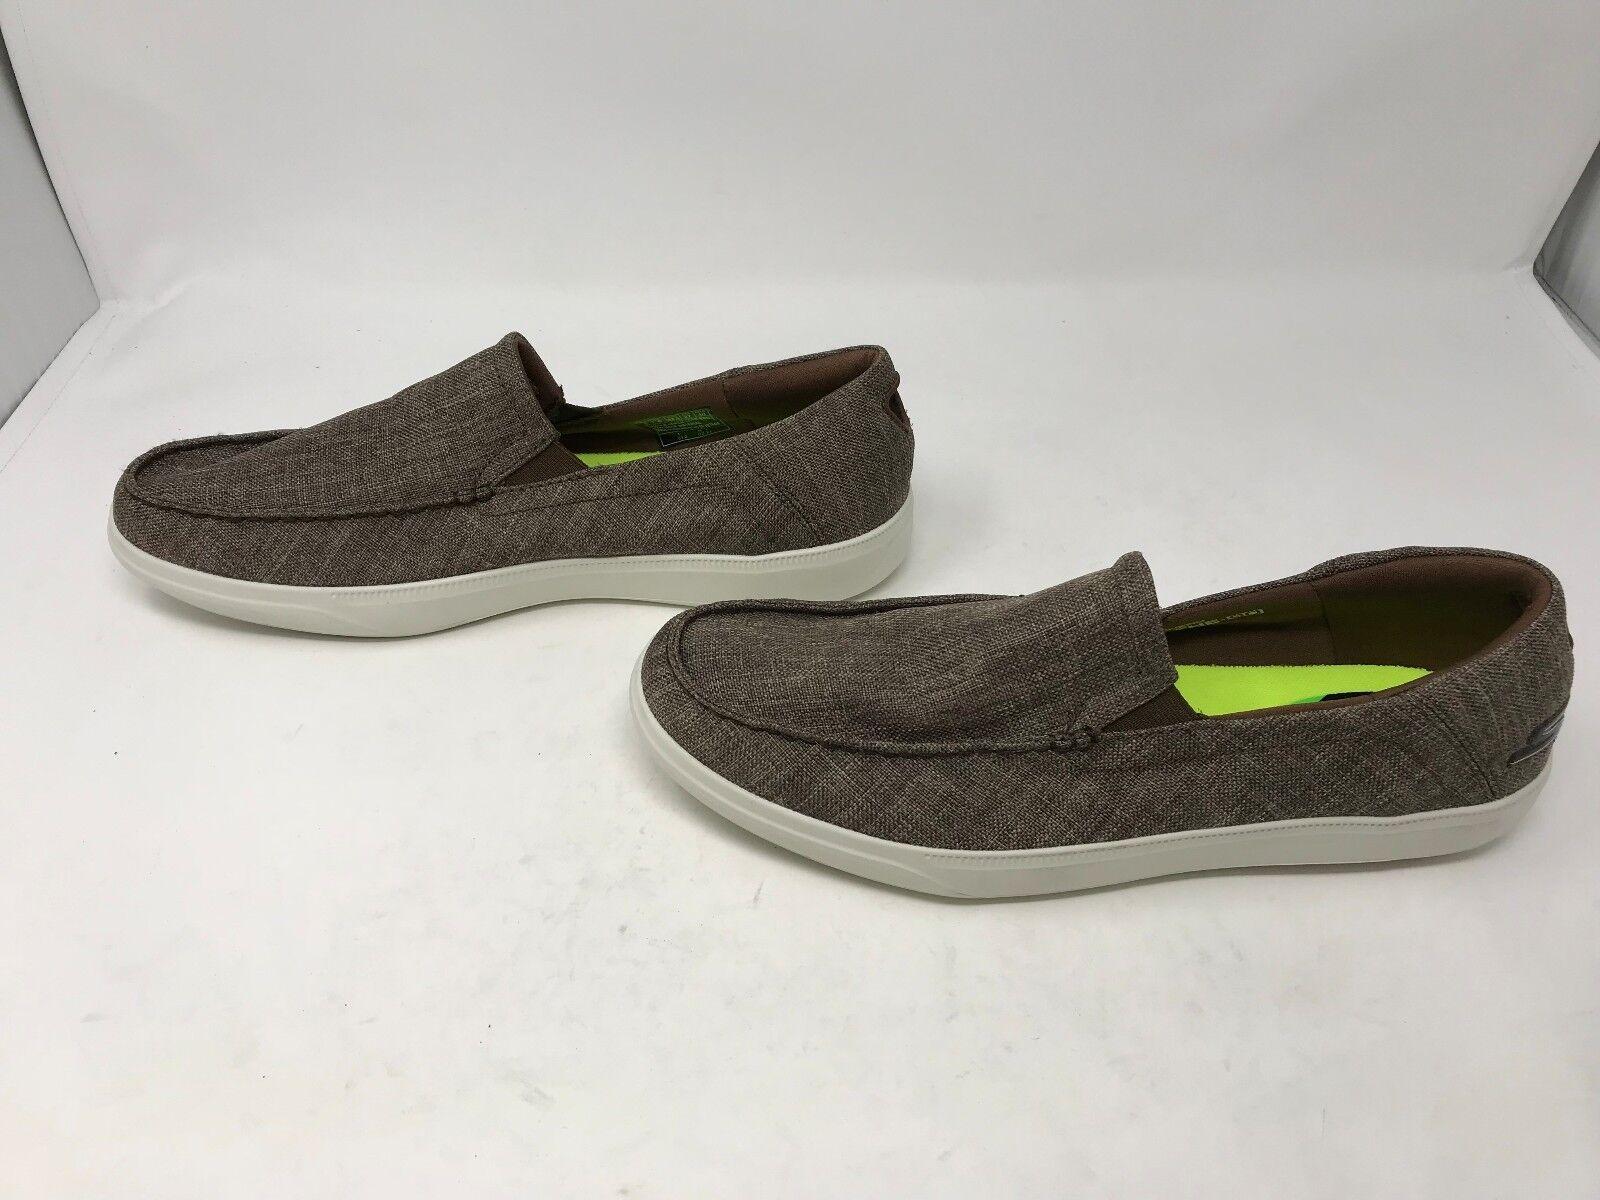 Mens Skechers (54334) GOVULC 2 RAMBLE Casual comfort sneakers (18G)